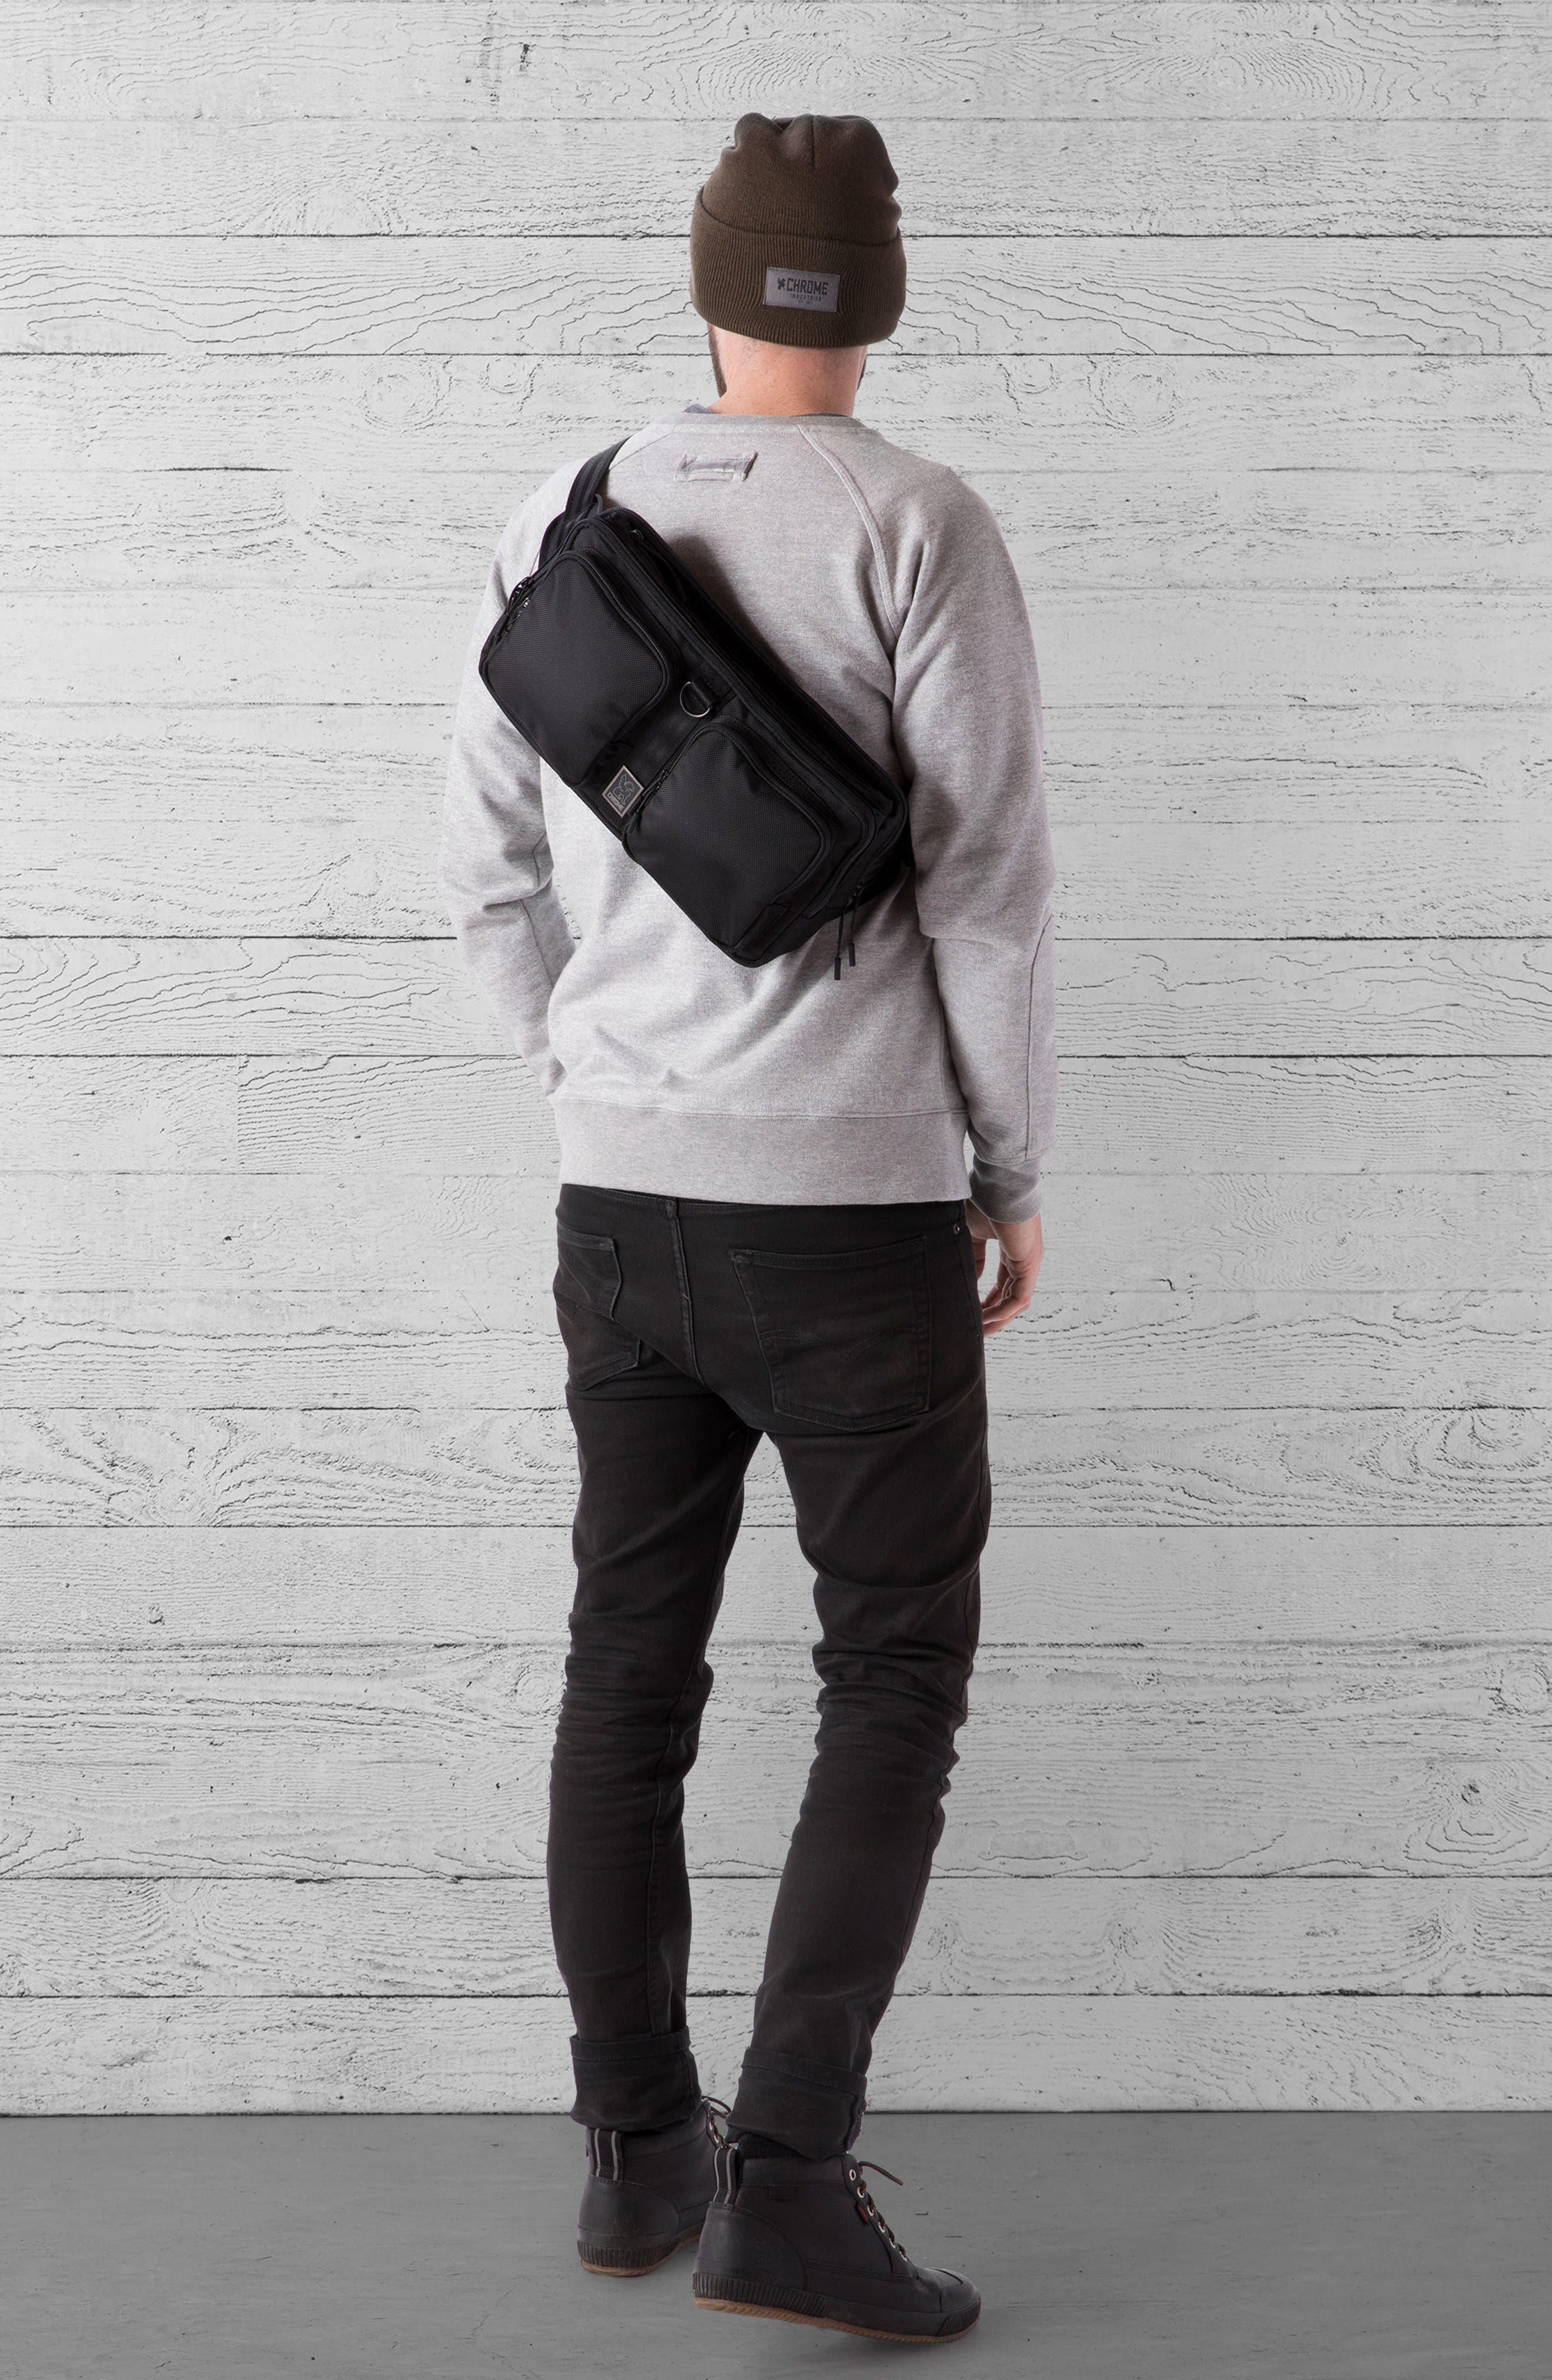 MXD Segment Sling Bag,                             Alternate thumbnail 10, color,                             ALL BLACK